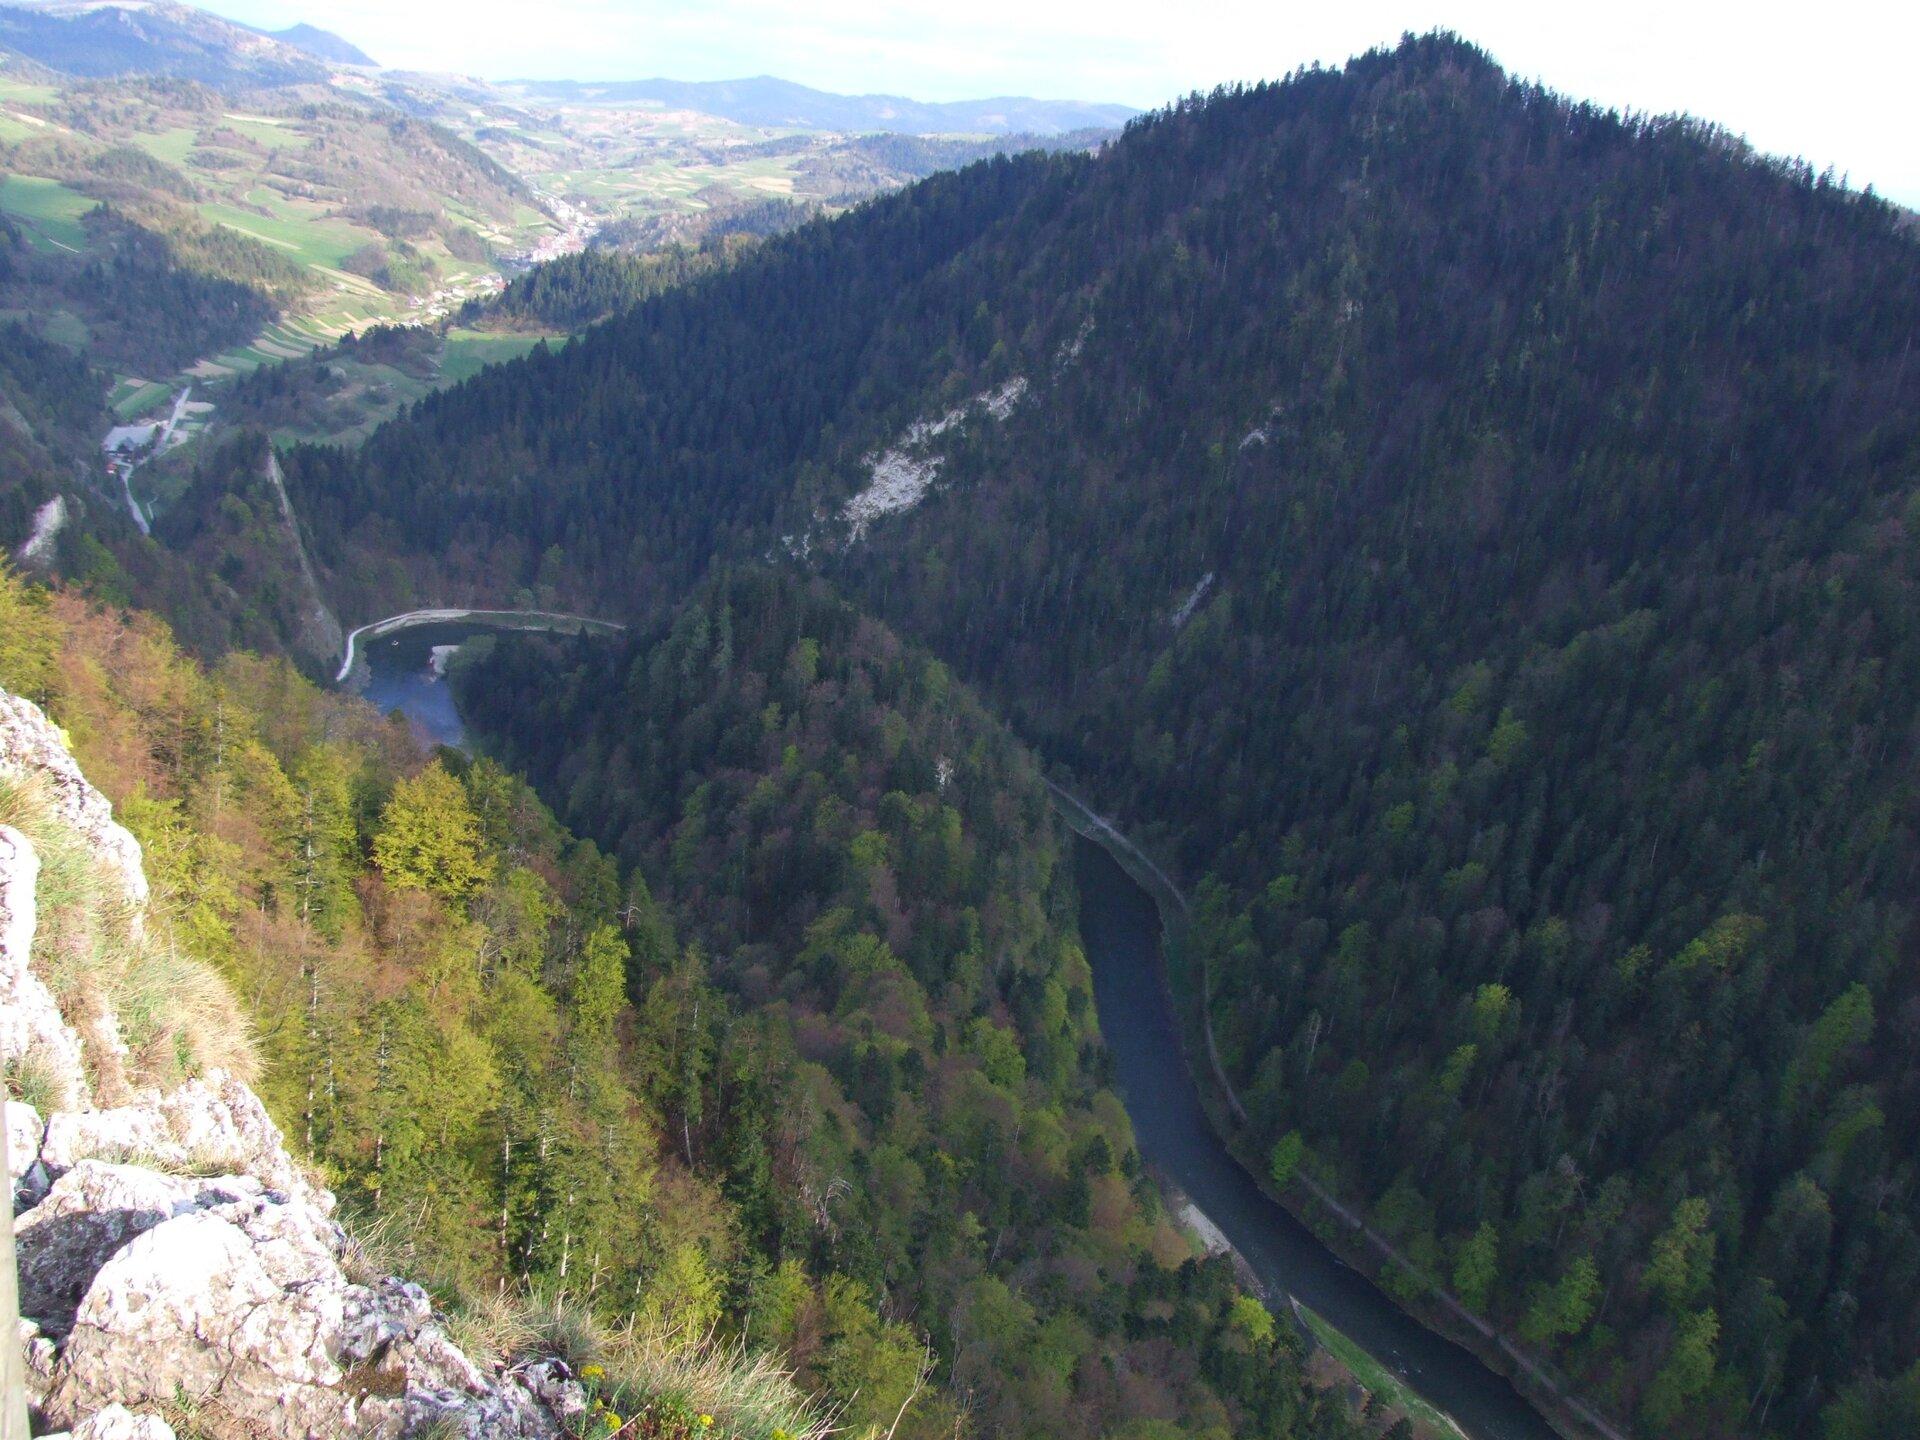 Na zdjęciu lotniczym kręta rzeka płynąca pomiędzy wysokimi wzniesieniami. Stoki gór porośnięte lasem.